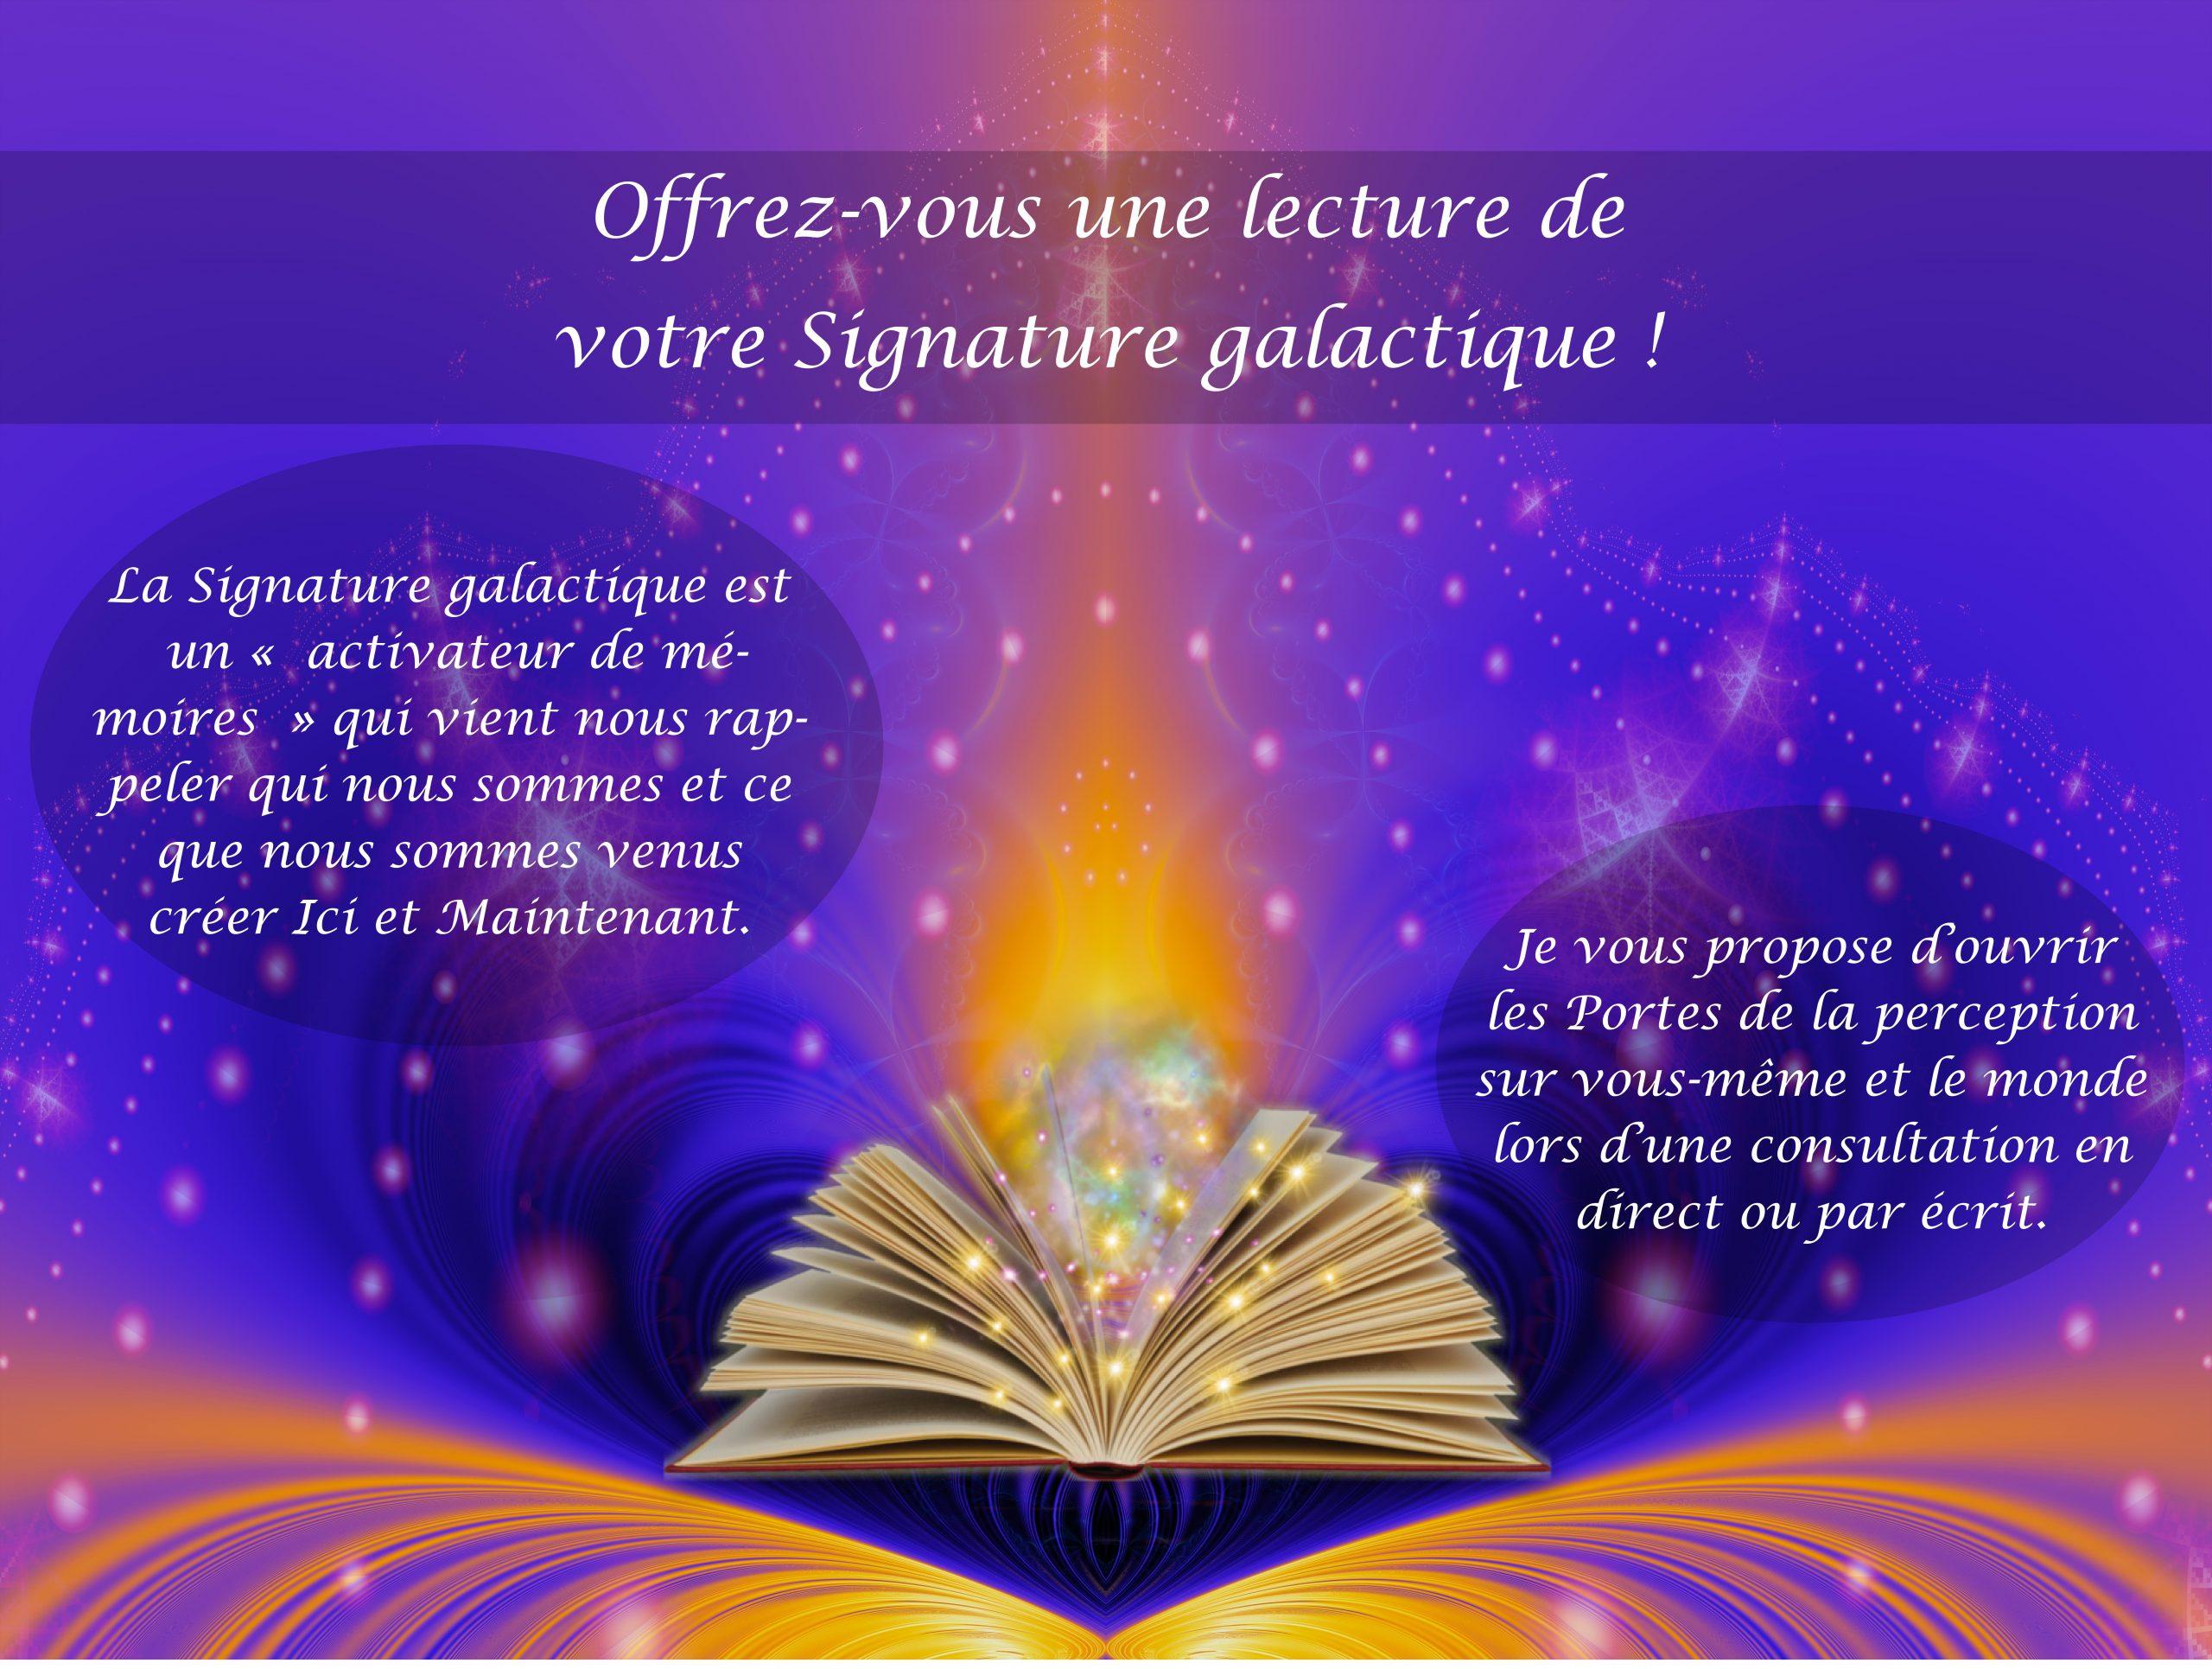 Lecture Signature